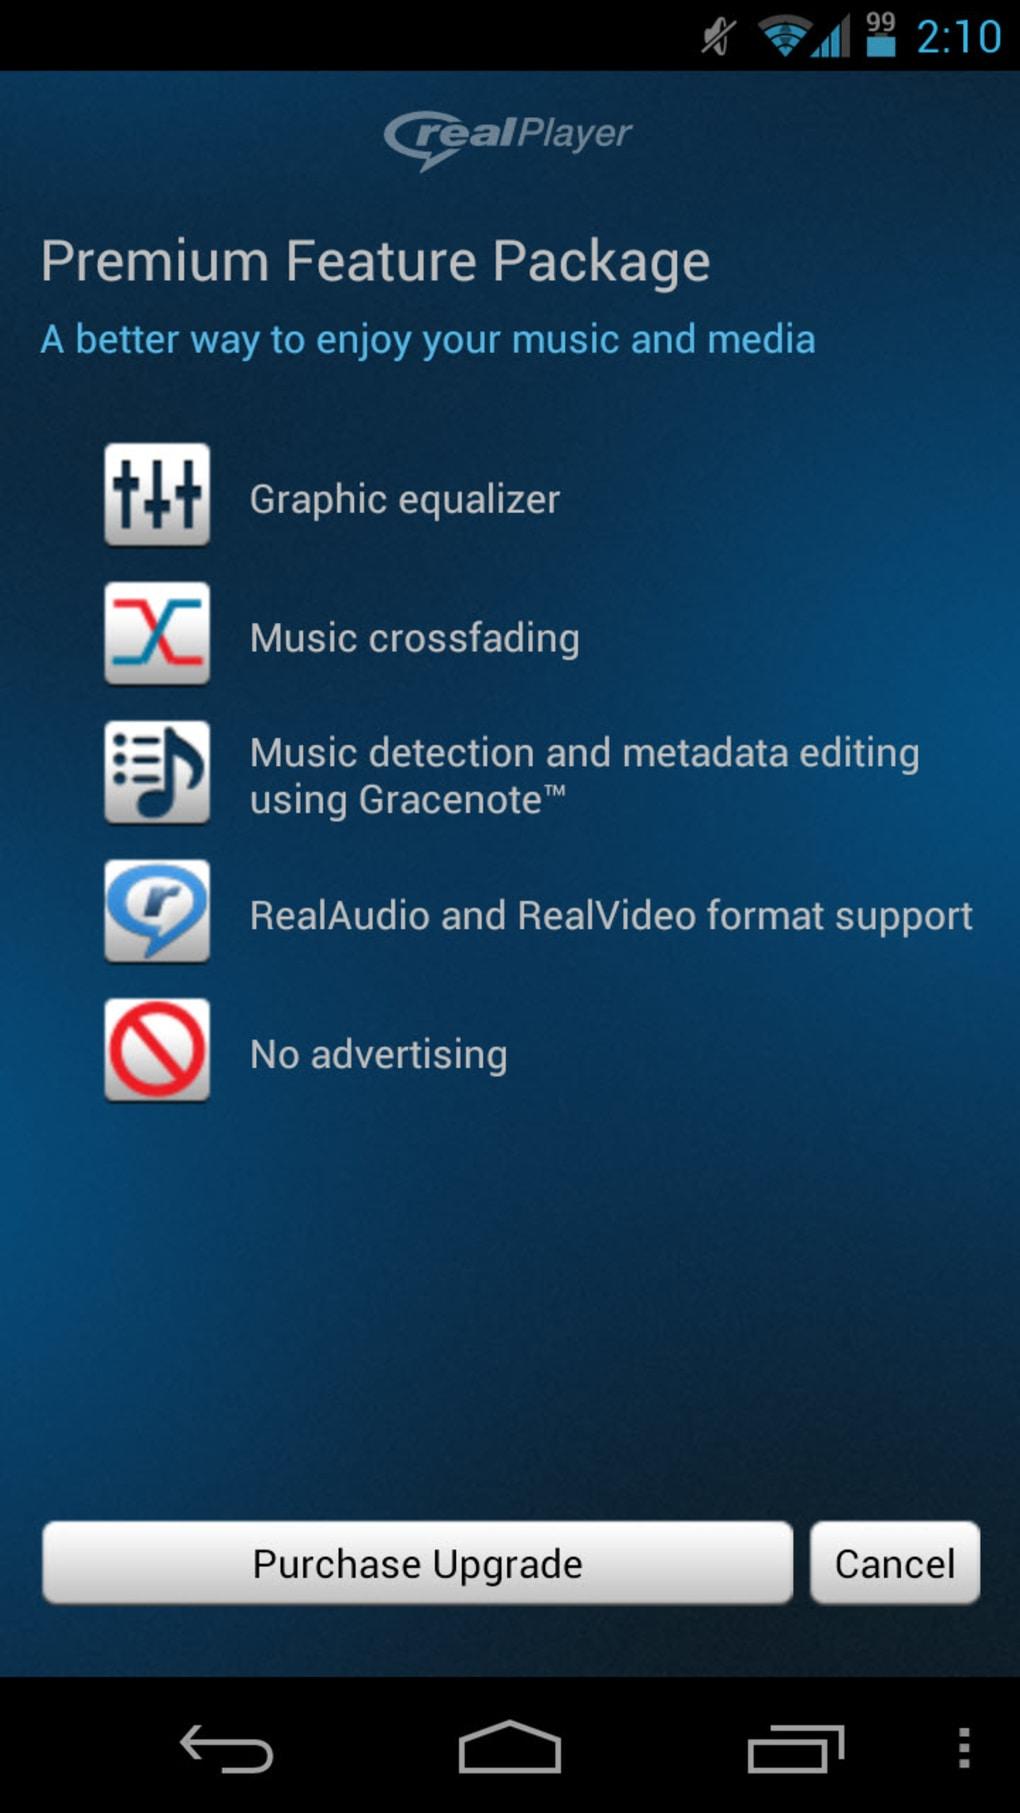 telecharger real player gratuit en francais windows 7